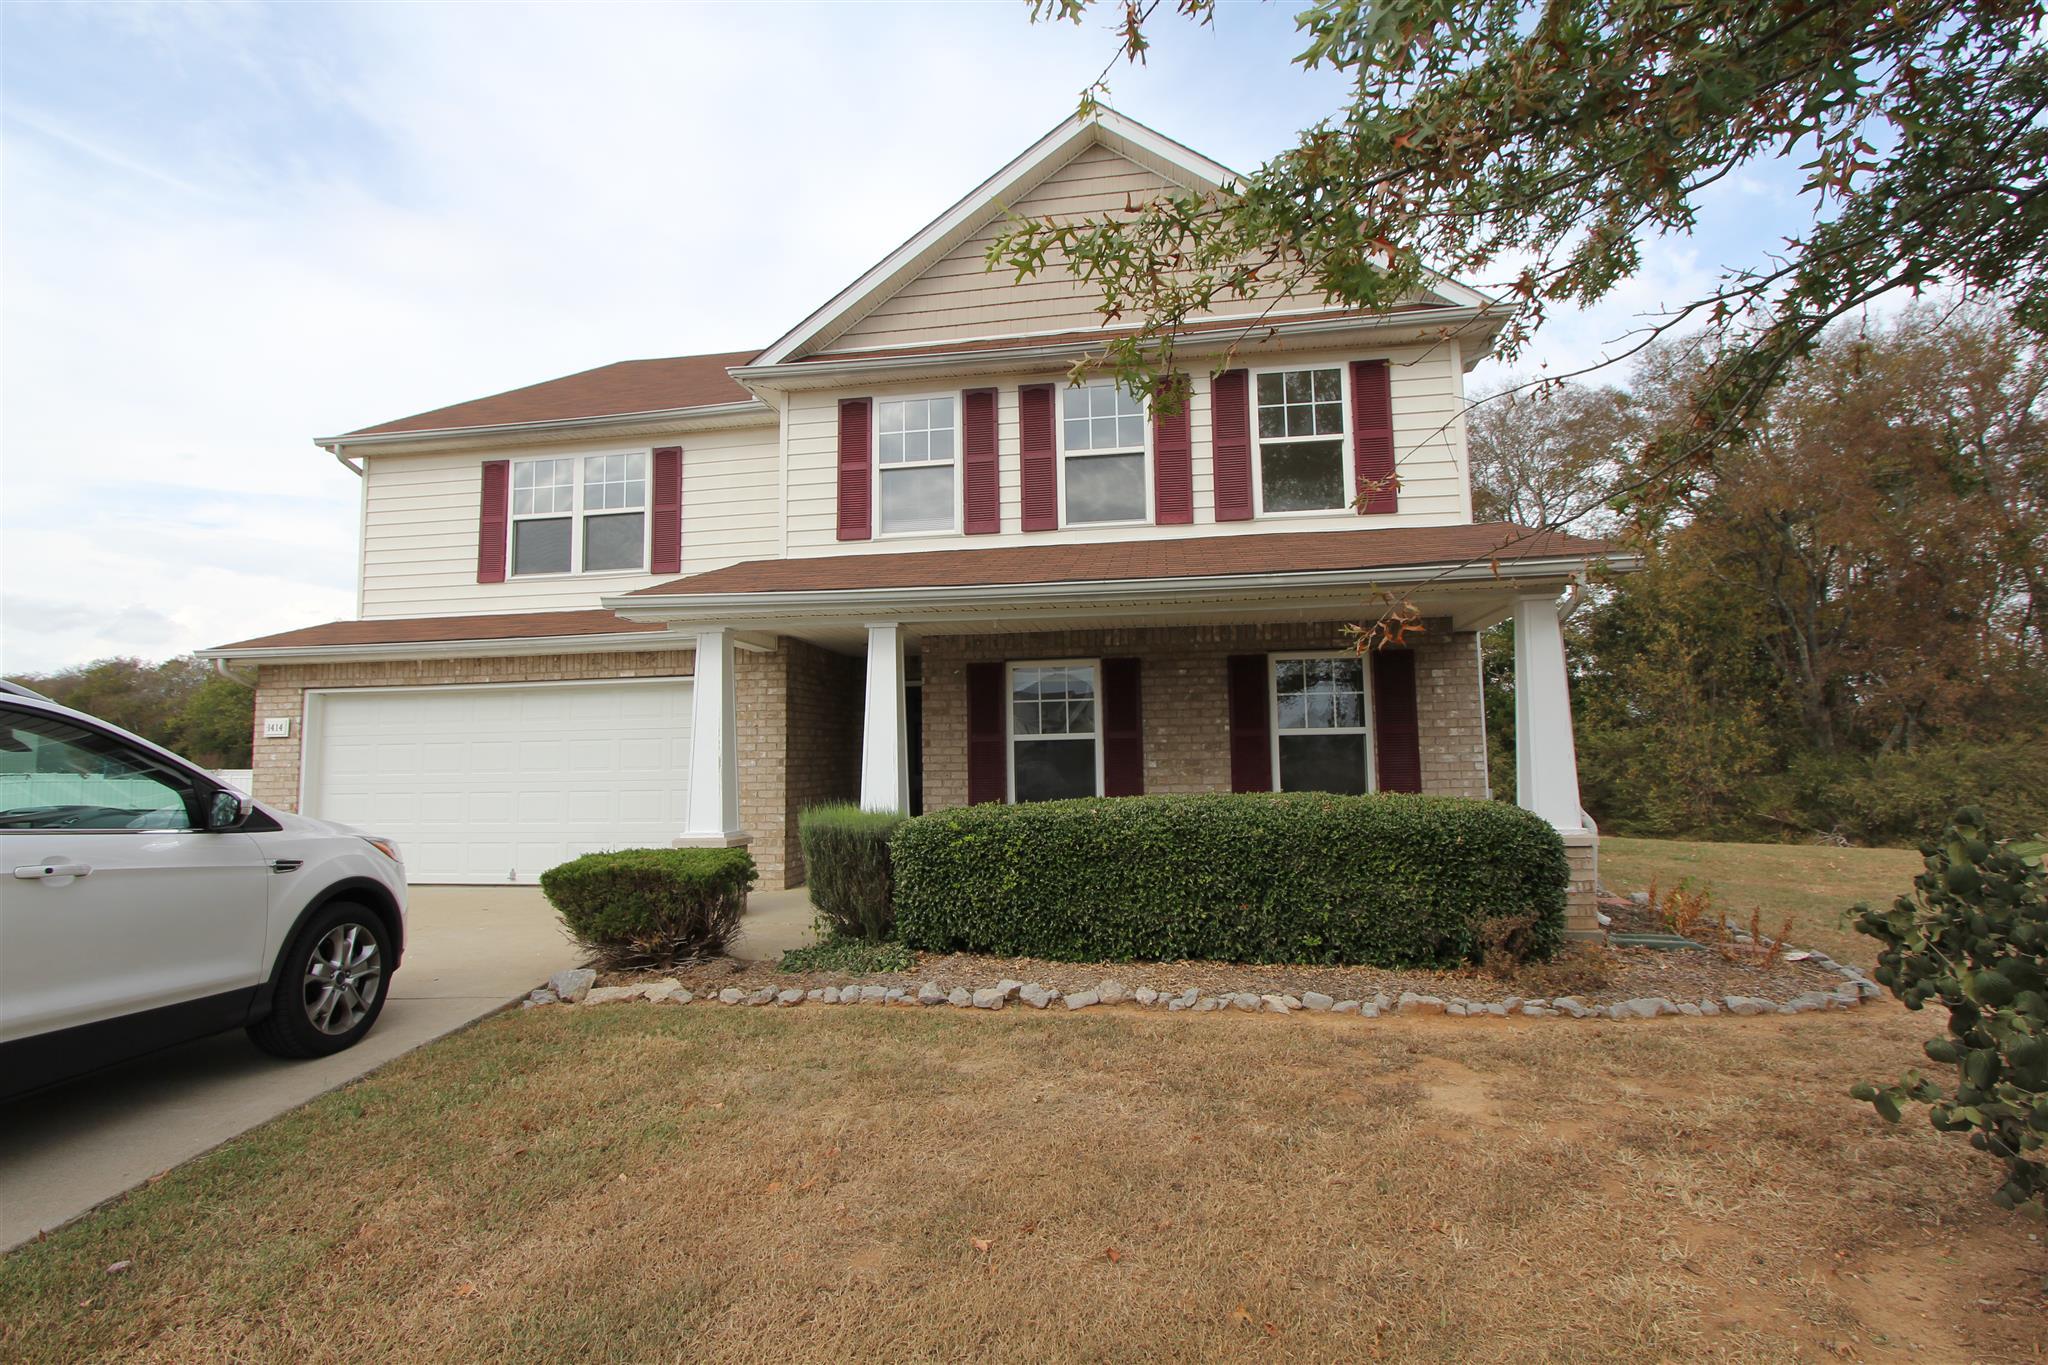 1414 Chopin Ct N, Murfreesboro, TN 37128